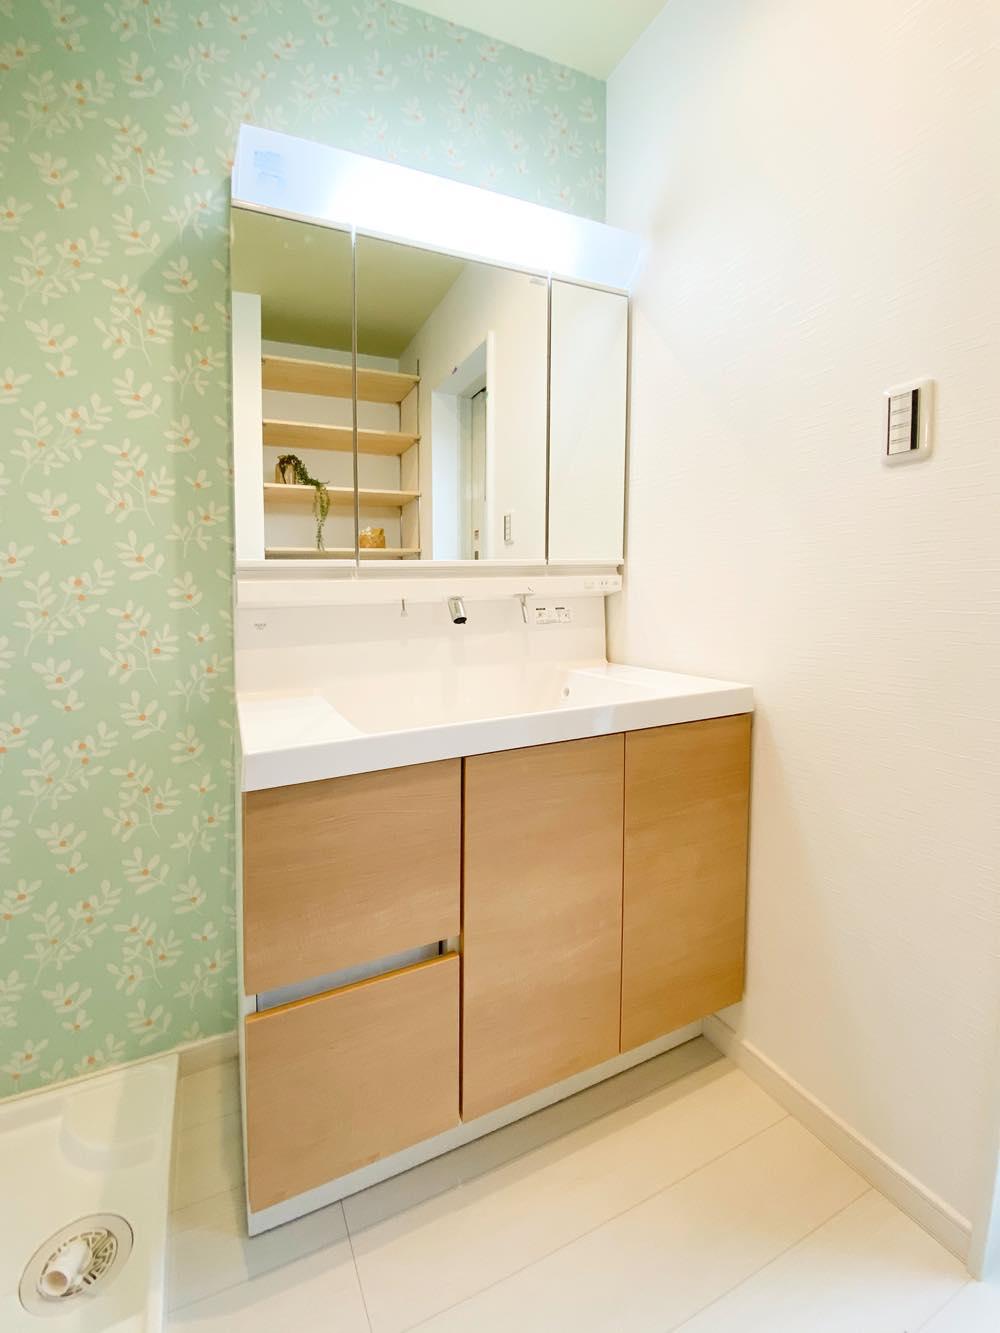 ルミナージュ岸和田第3段モデルハウス 三面鏡洗面化粧台